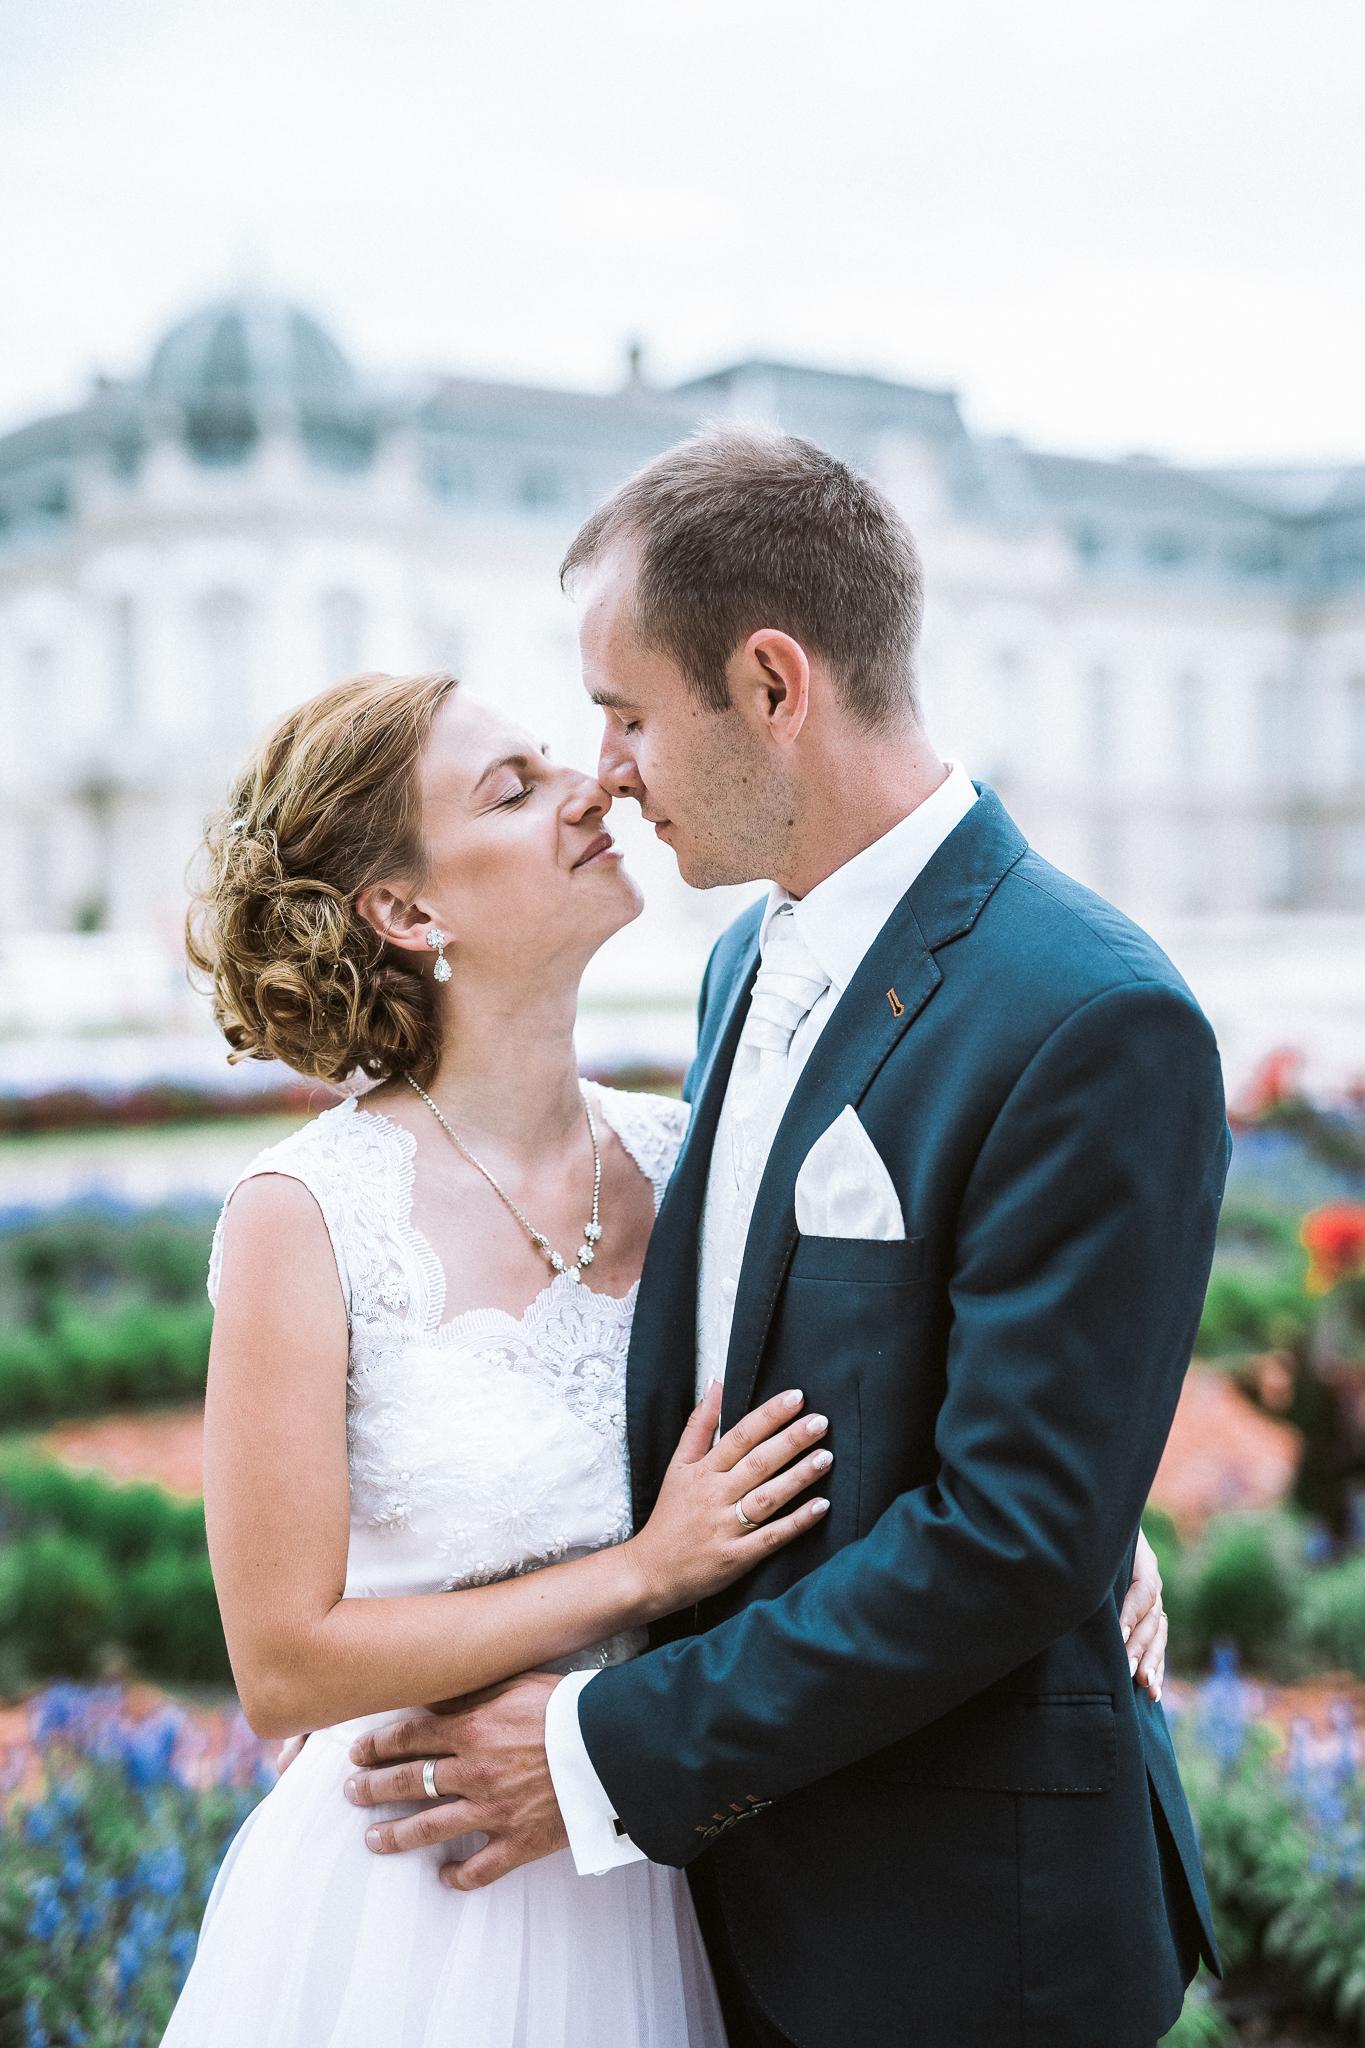 FylepPhoto, esküvőfotós, esküvői fotós Körmend, Szombathely, esküvőfotózás, magyarország, vas megye, prémium, jegyesfotózás, Fülöp Péter, körmend, kreatív, fotográfus_13-2.jpg